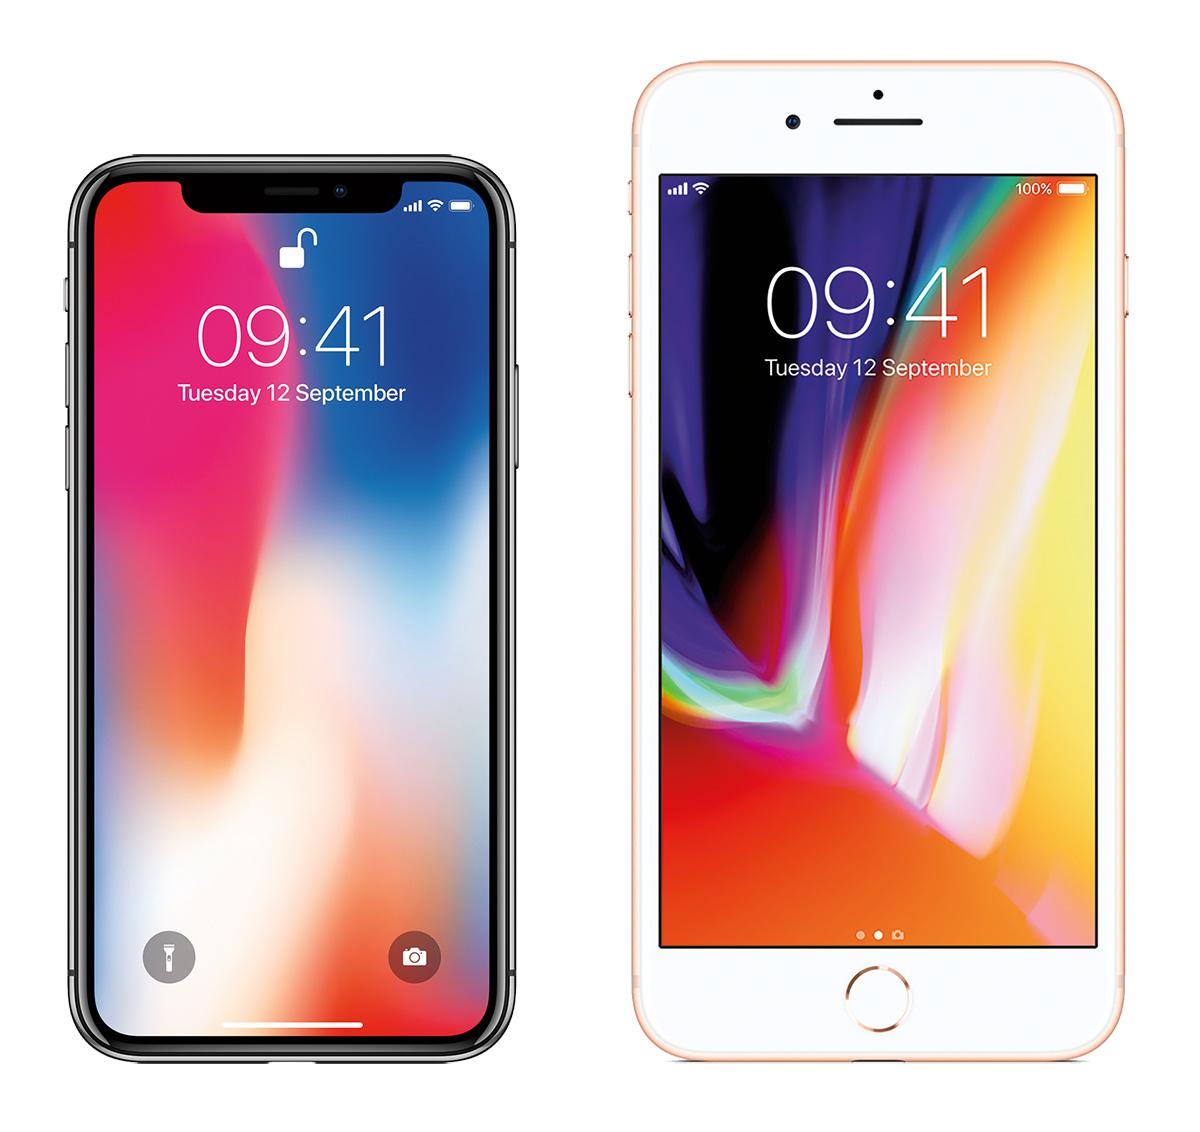 iPhone X või iPhone 8 - kumba nutitelefoni eelistada?